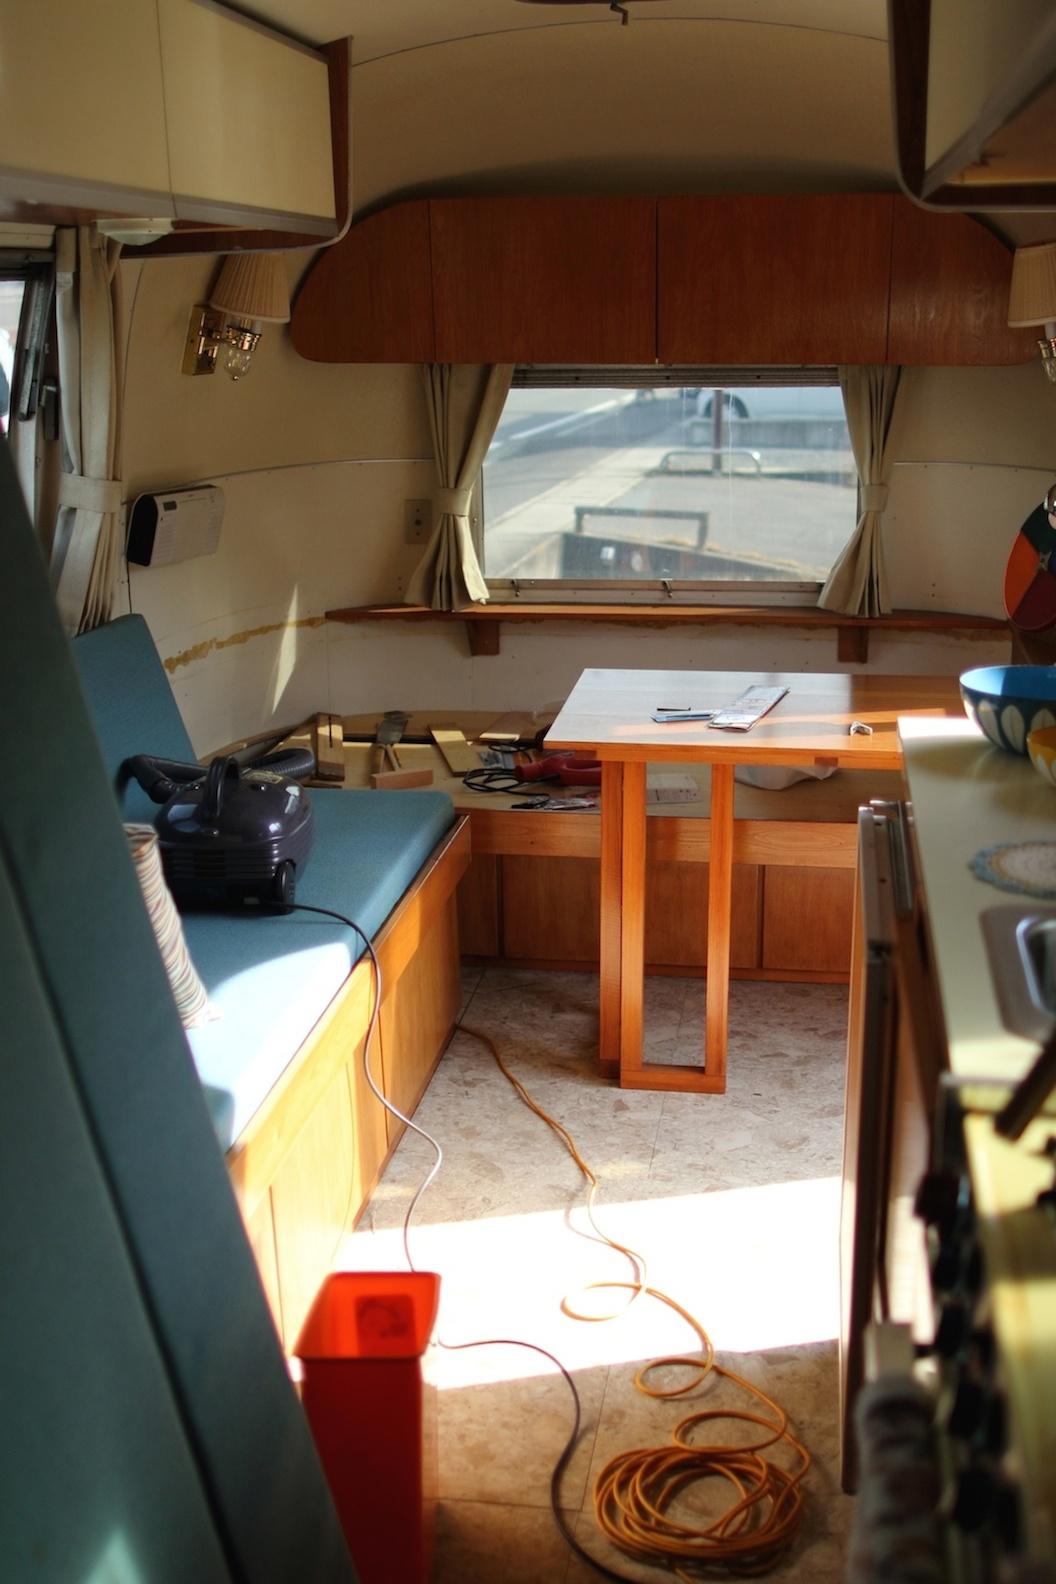 Airstream エアストリーム_d0081605_16572933.jpg